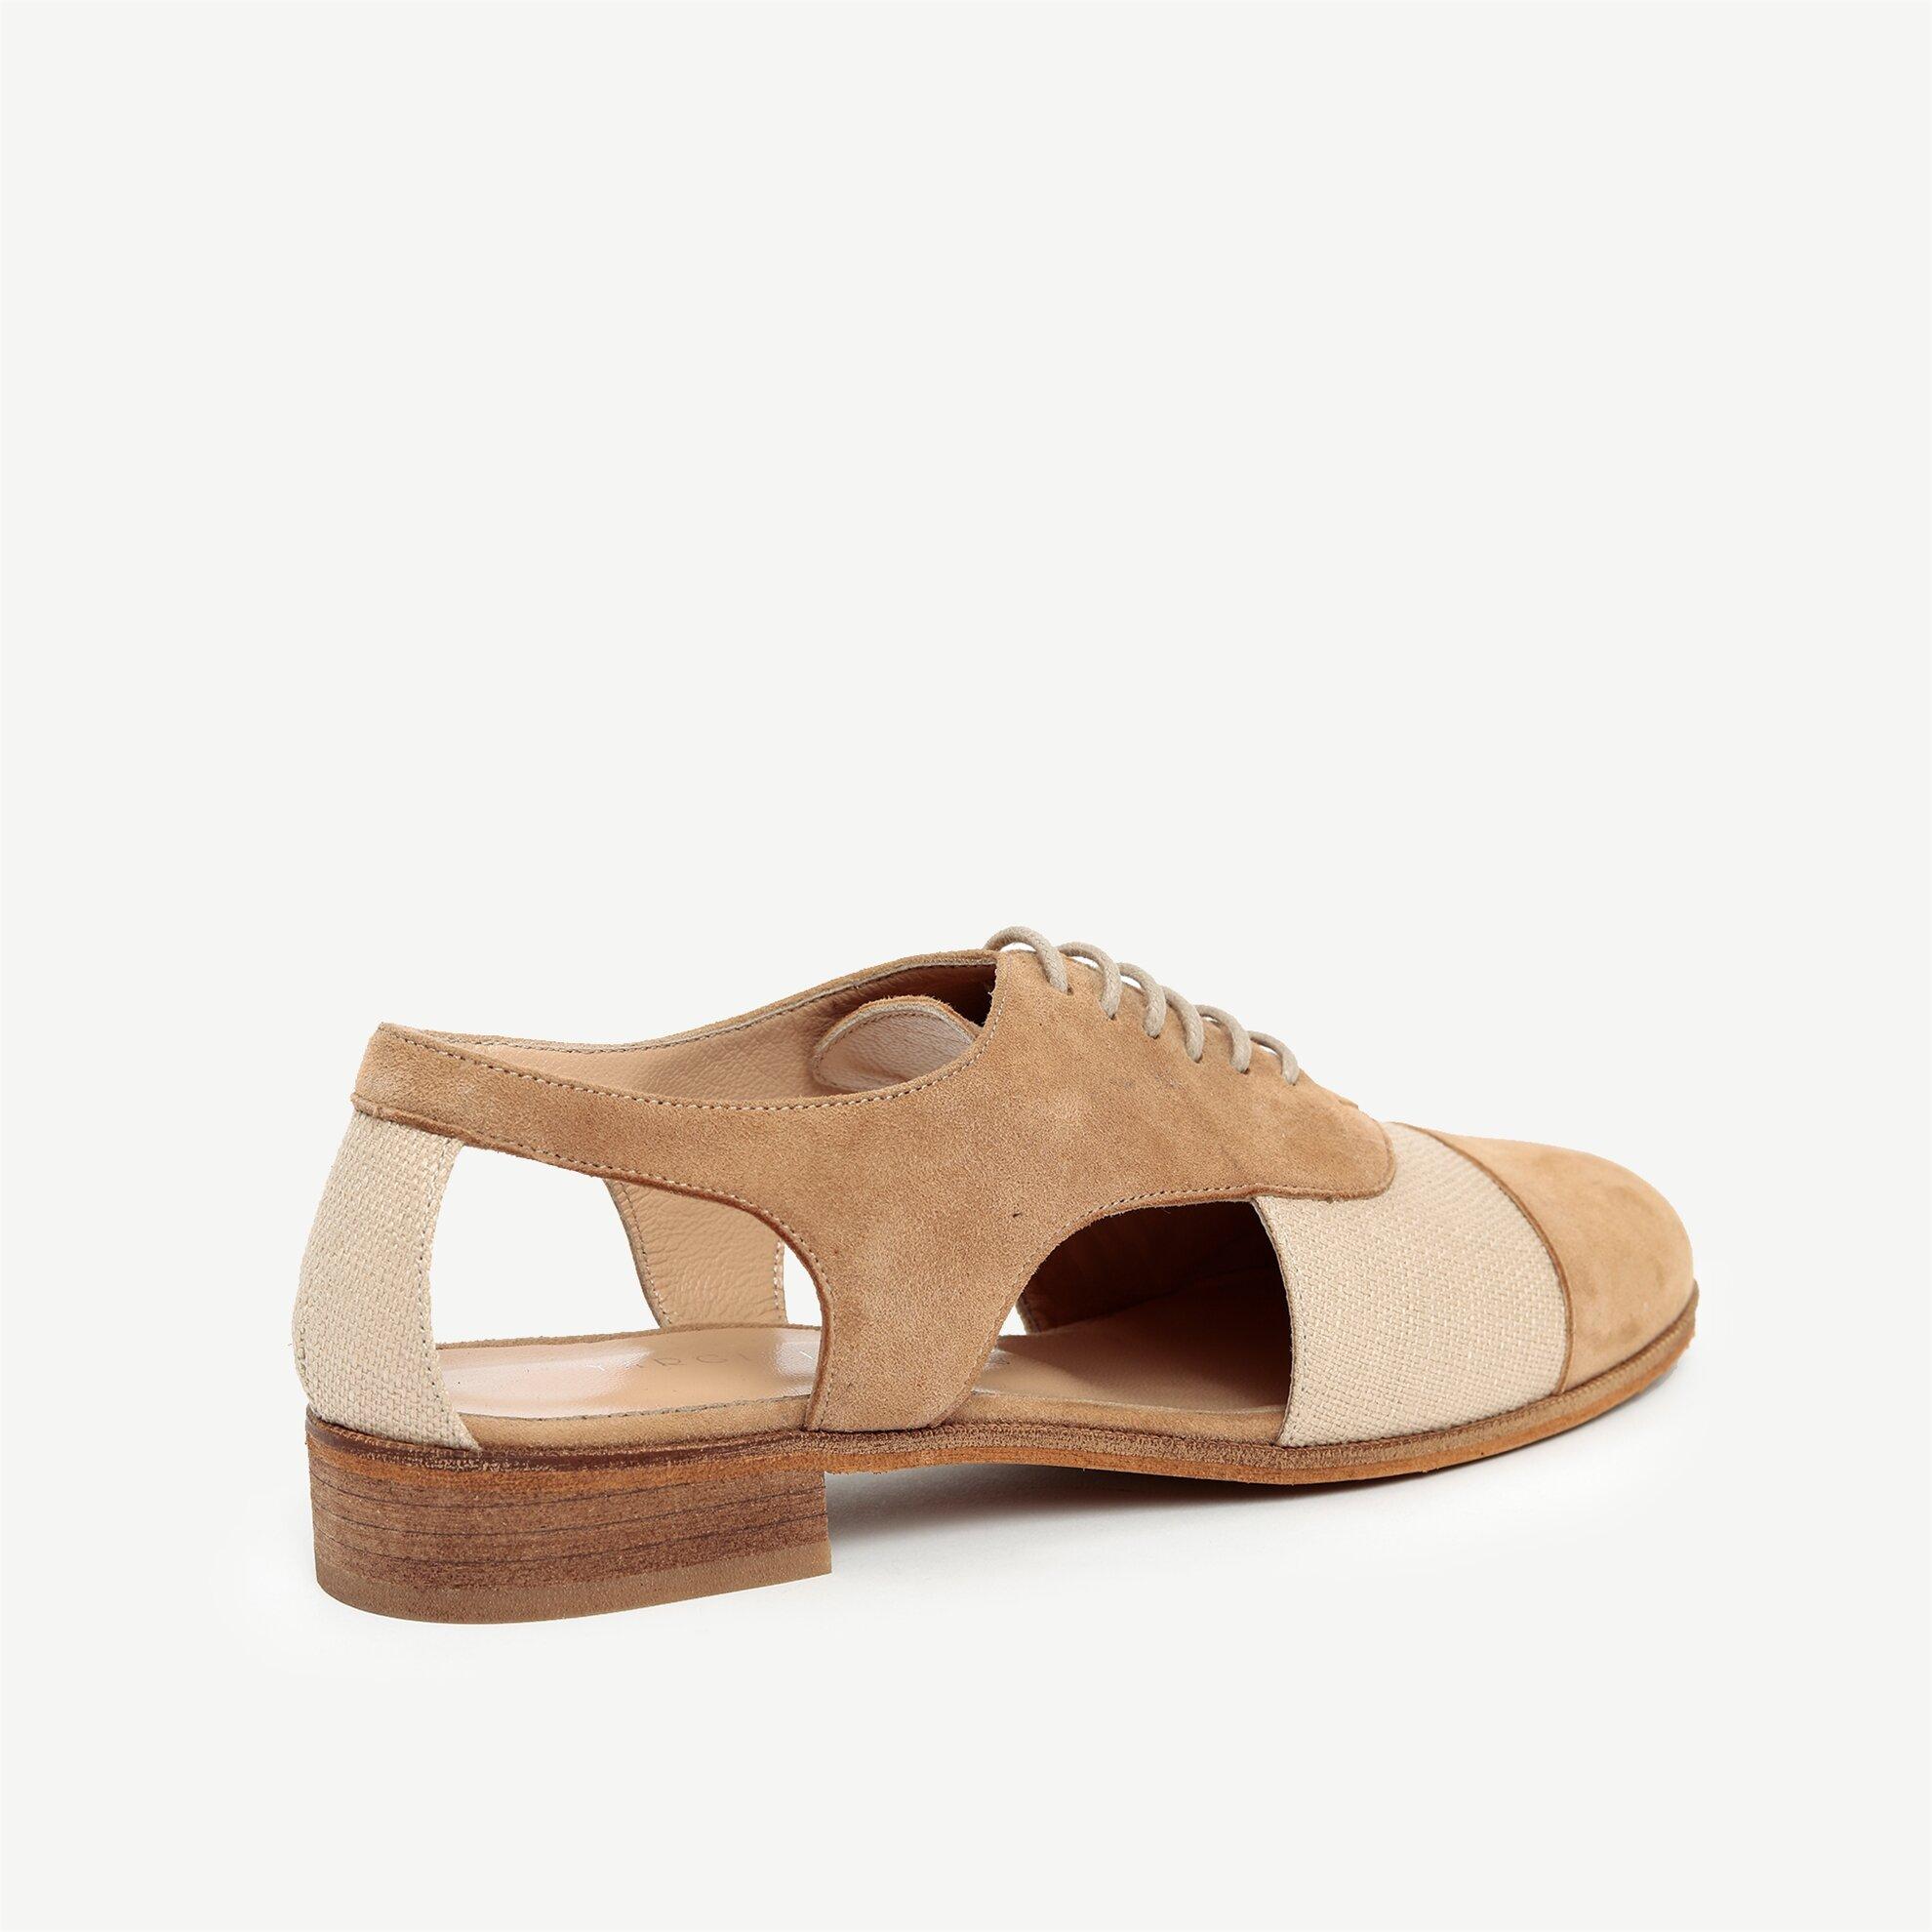 Kumaş Detaylı Deri Ayakkabı